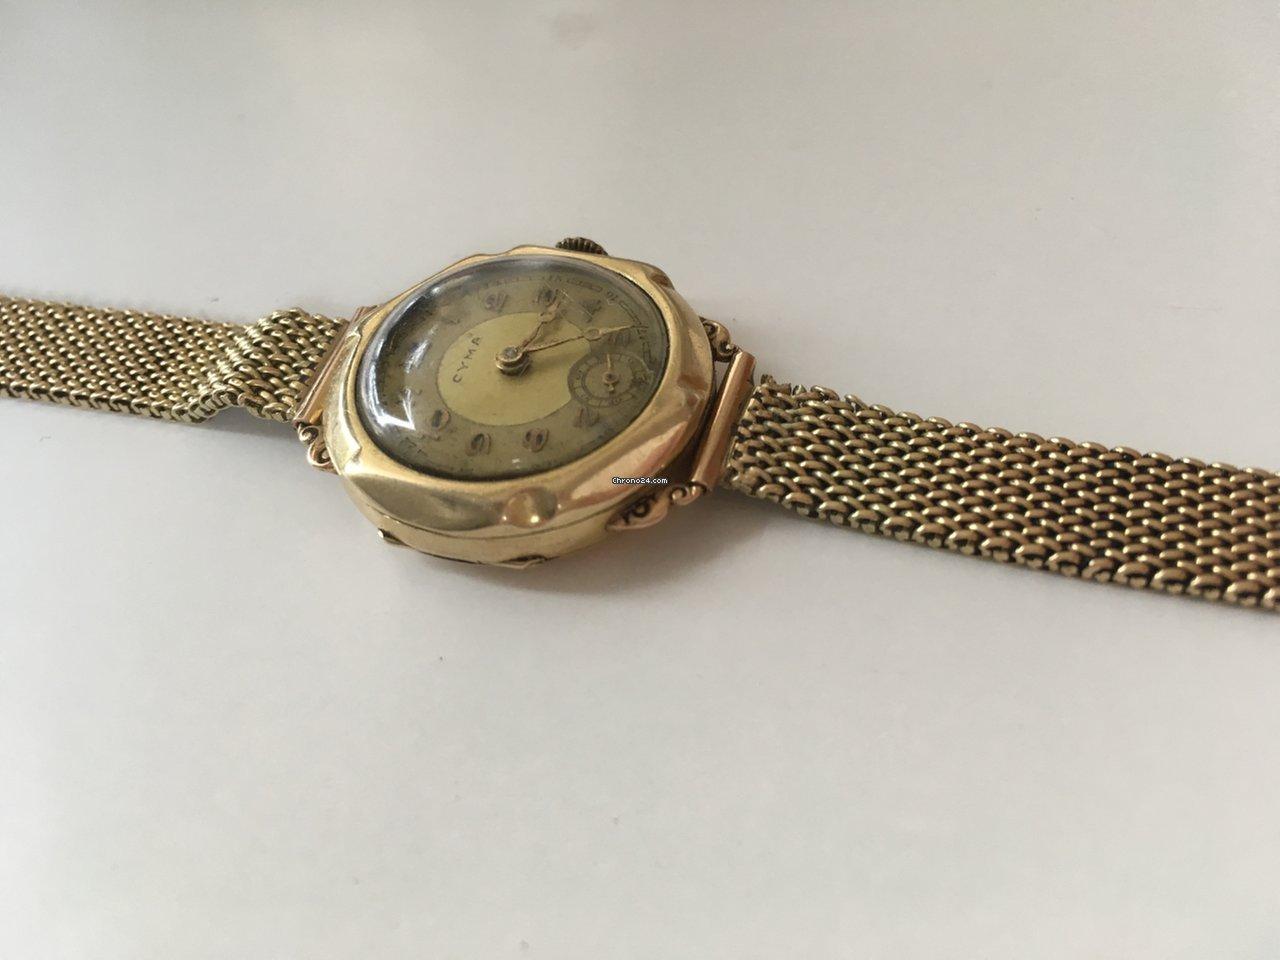 ae5eadf0394de4 Zegarki Cyma - Wszystkie ceny dla zegarków Cyma na Chrono24